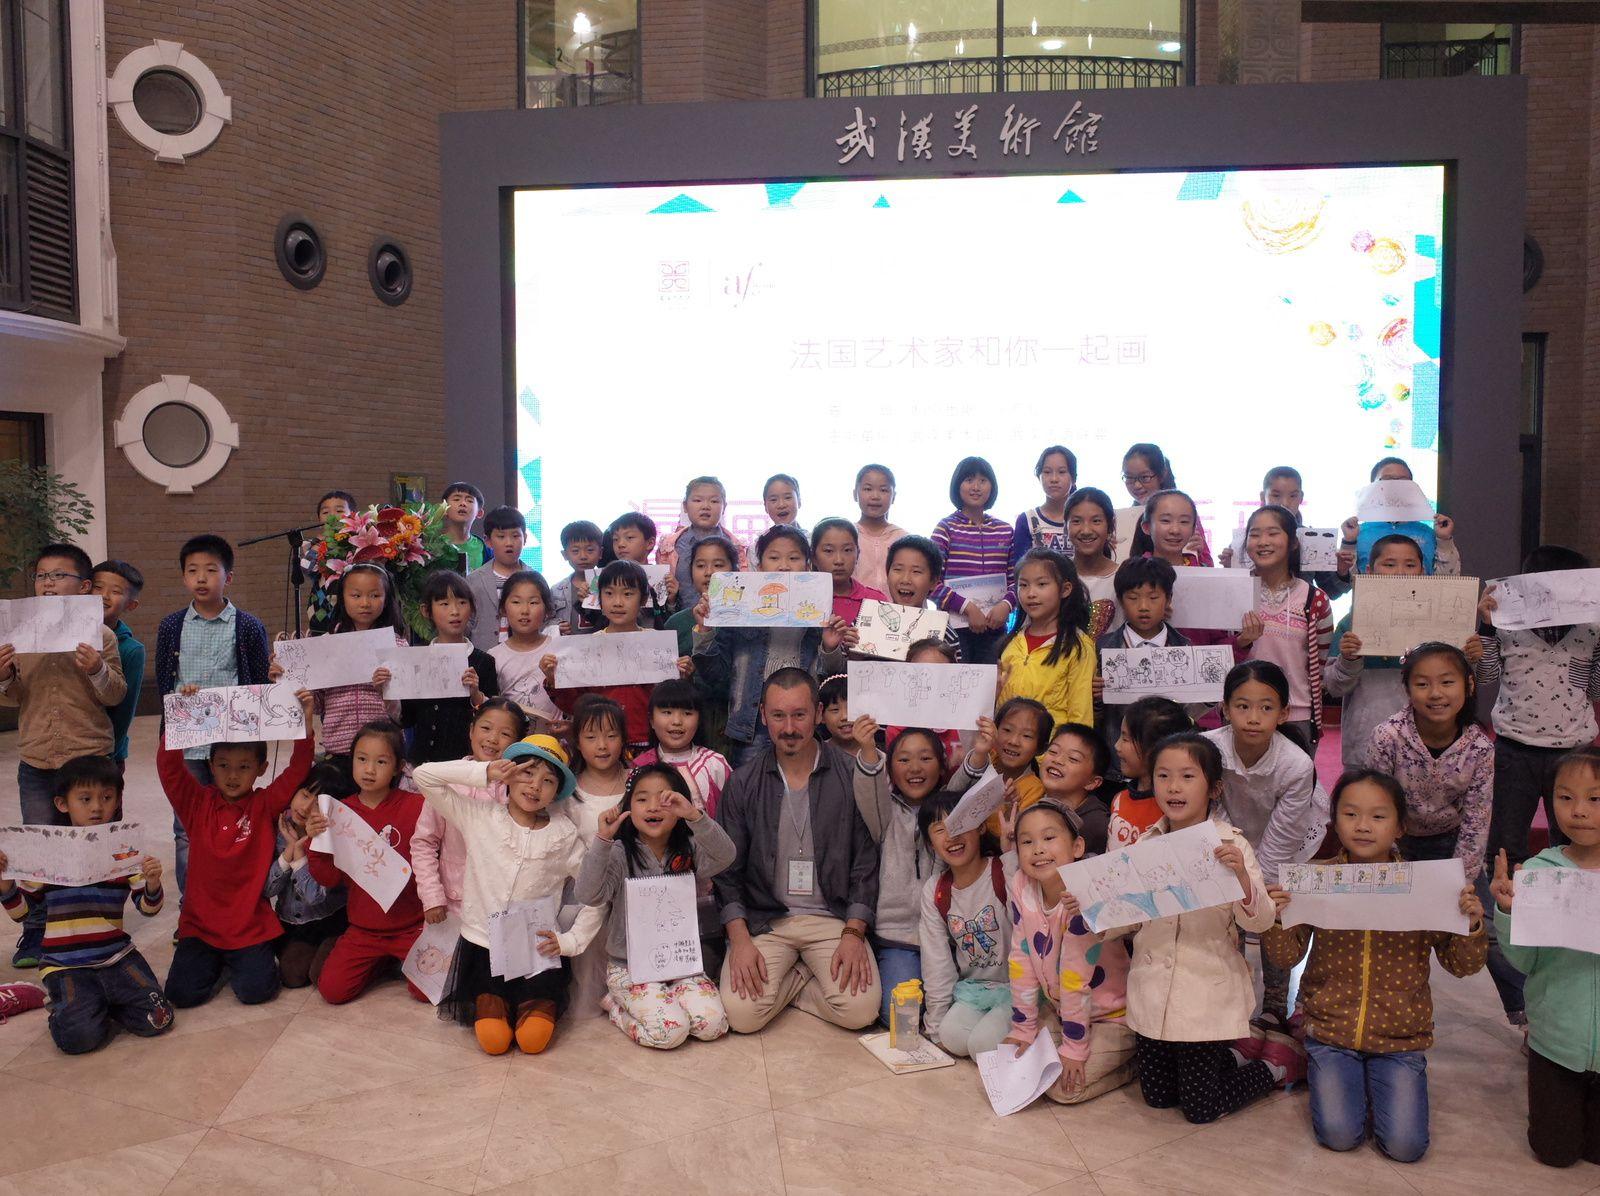 Une centaine d'enfants autour de Patrice Cablat # Musée des Beaux arts de Wuhan